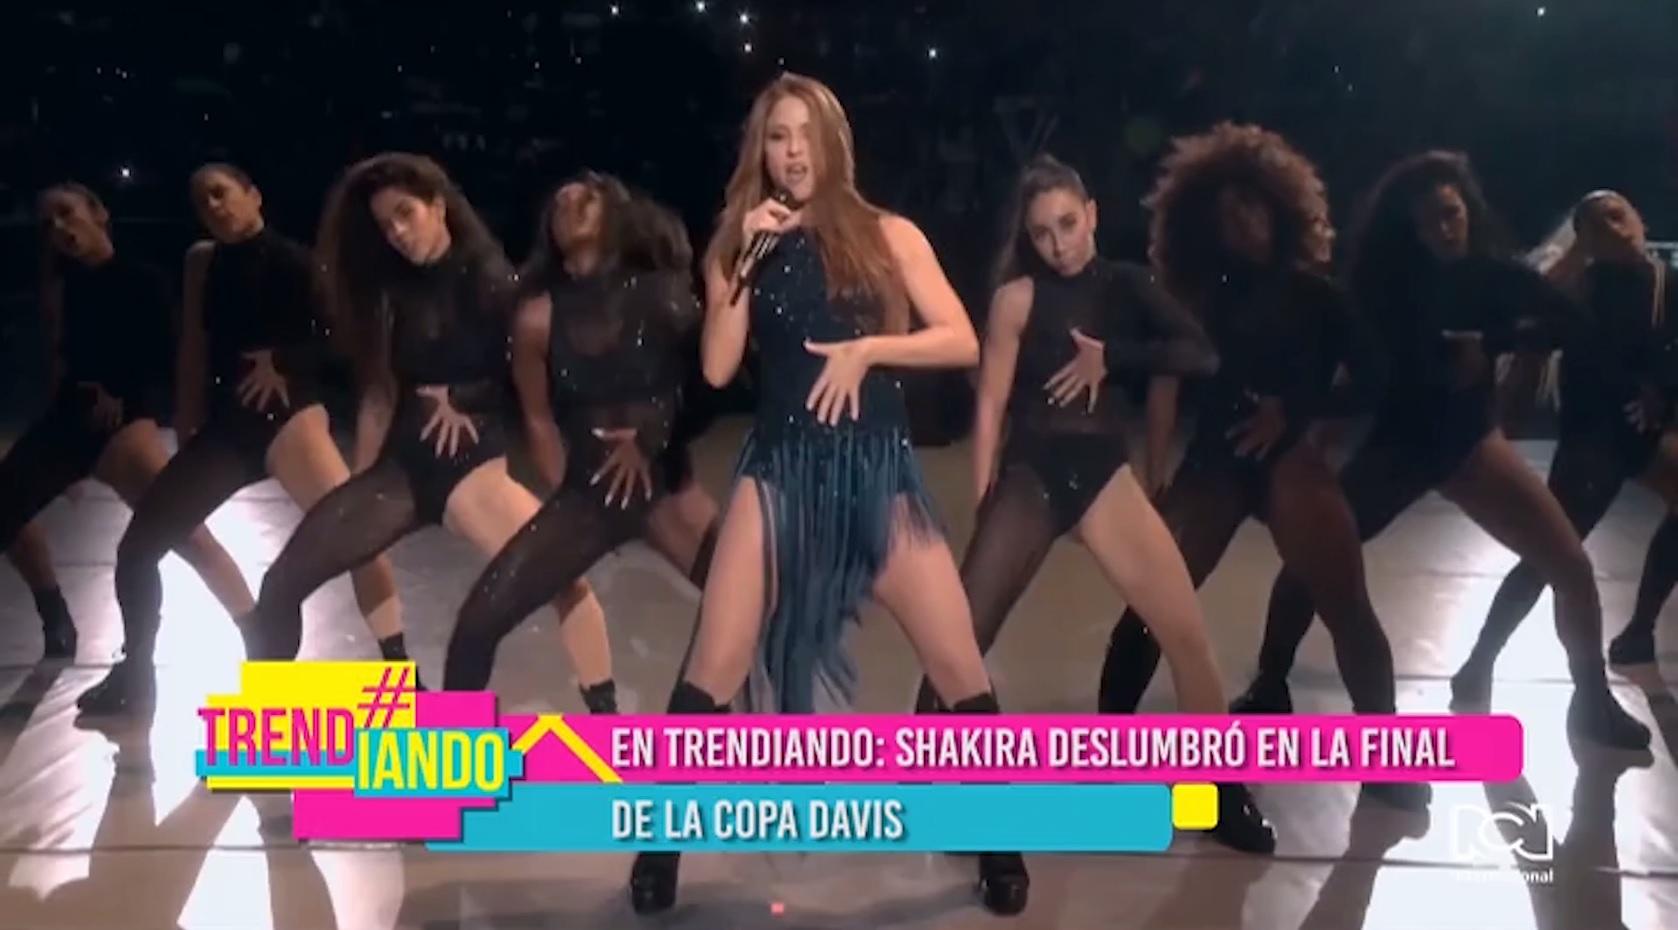 Lo más trending es Shakira